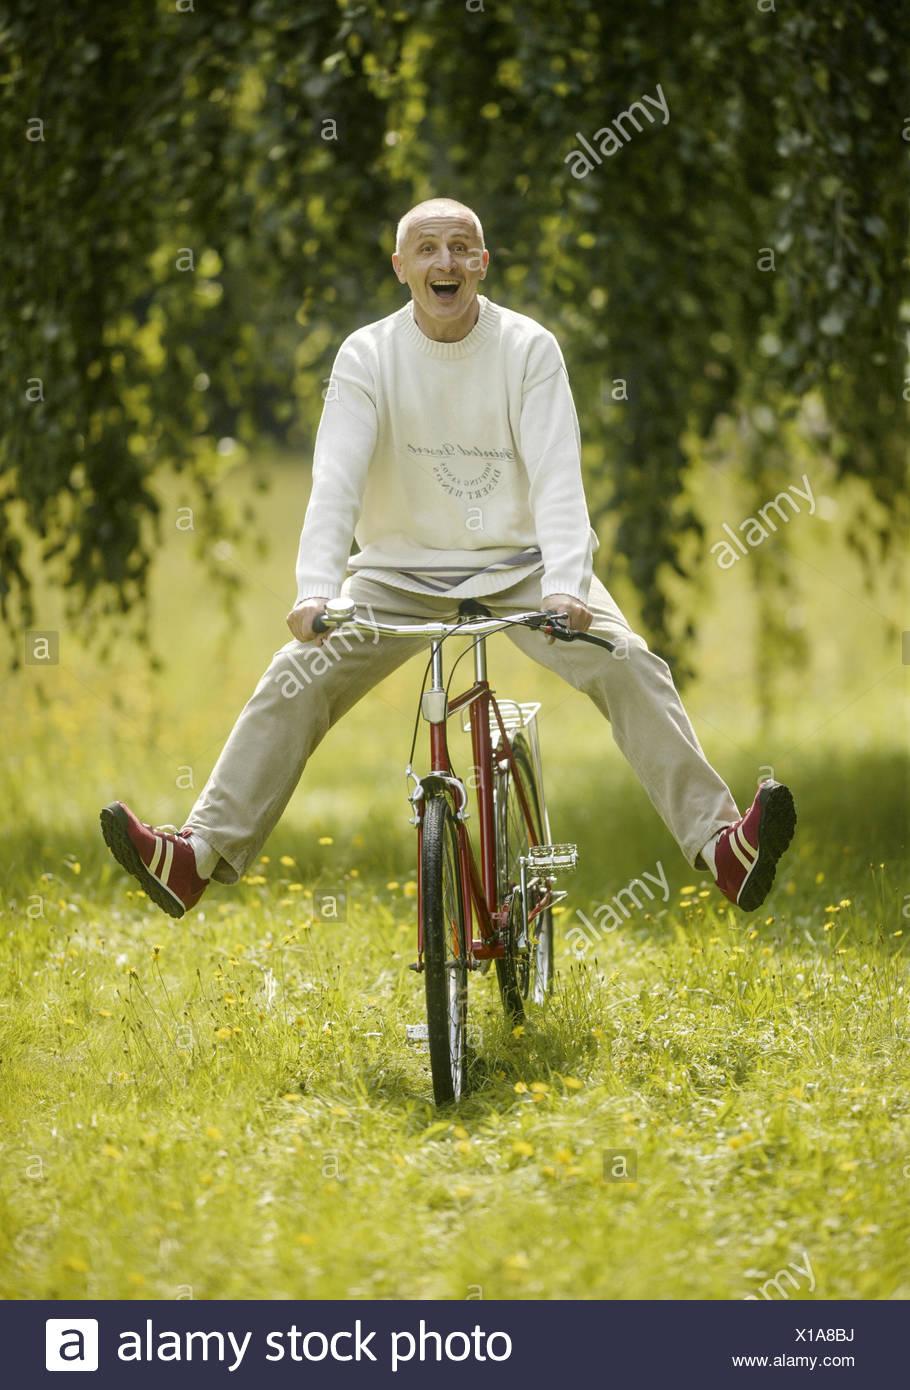 Hauts beim Radfahren auf Wiese, lacht (modèle récent) Photo Stock